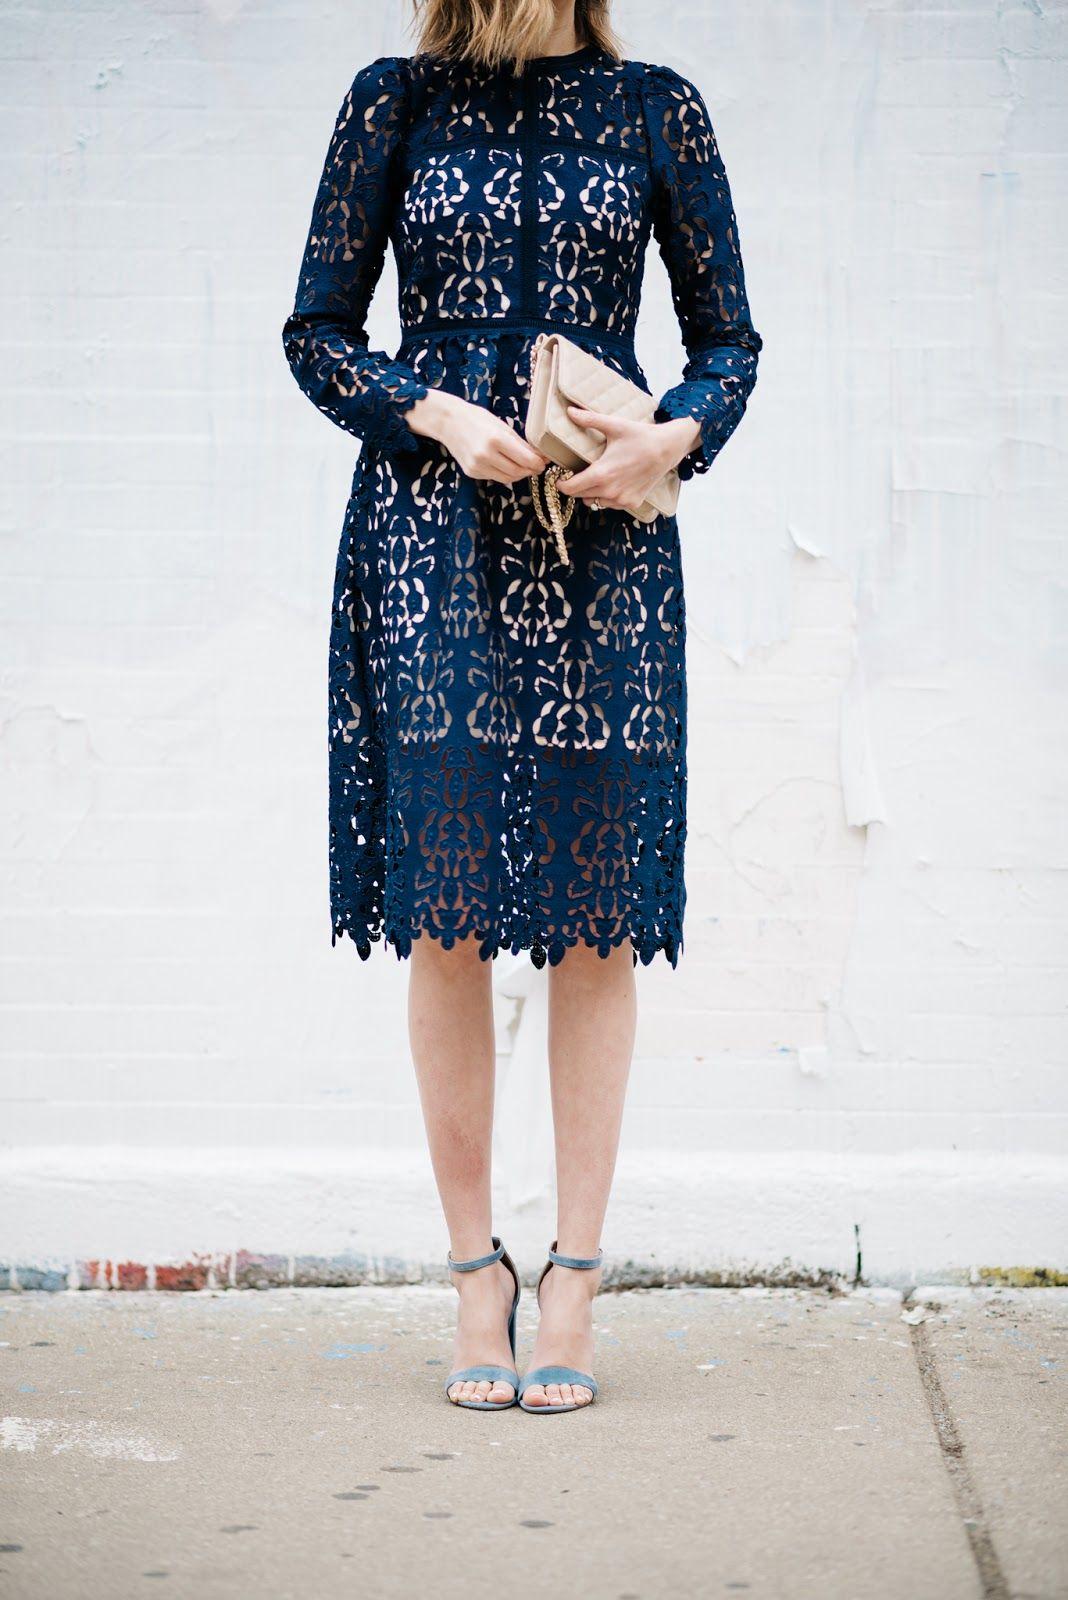 Lace dress zara 2016 9 11 color dress pinterest portrait lace dress zara 2016 9 11 ombrellifo Image collections